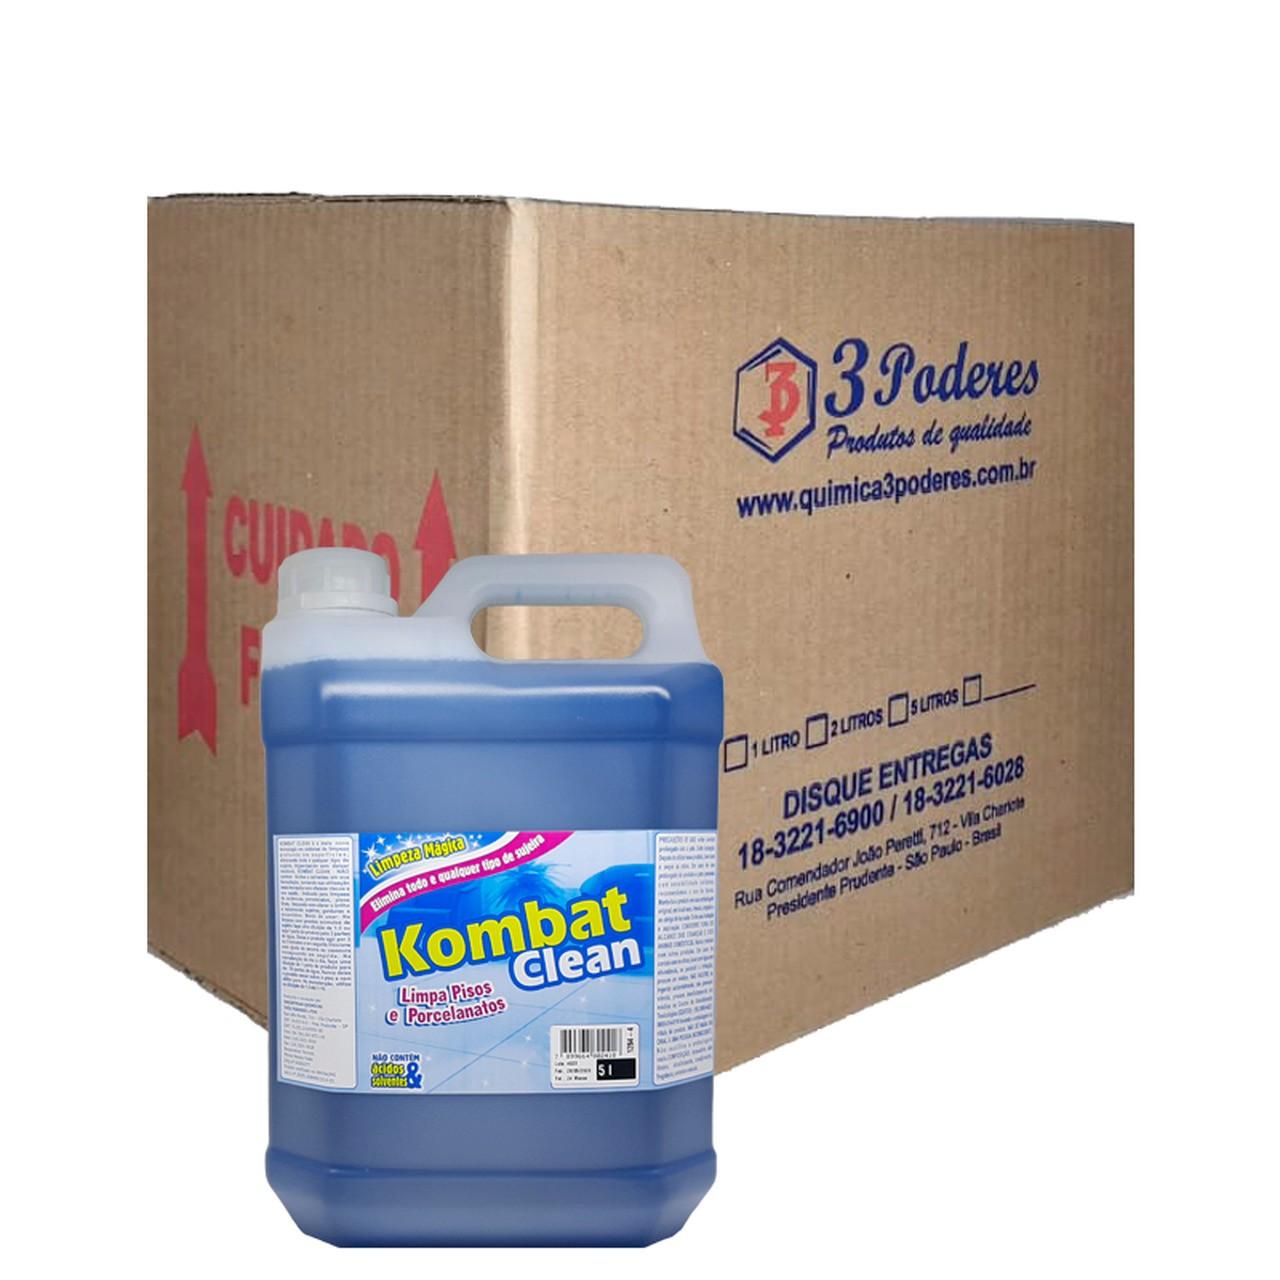 Kombat Clean 3 Poderes 5LTS - Limpa Pisos e Porcelanatos - Caixa com 4 Un.